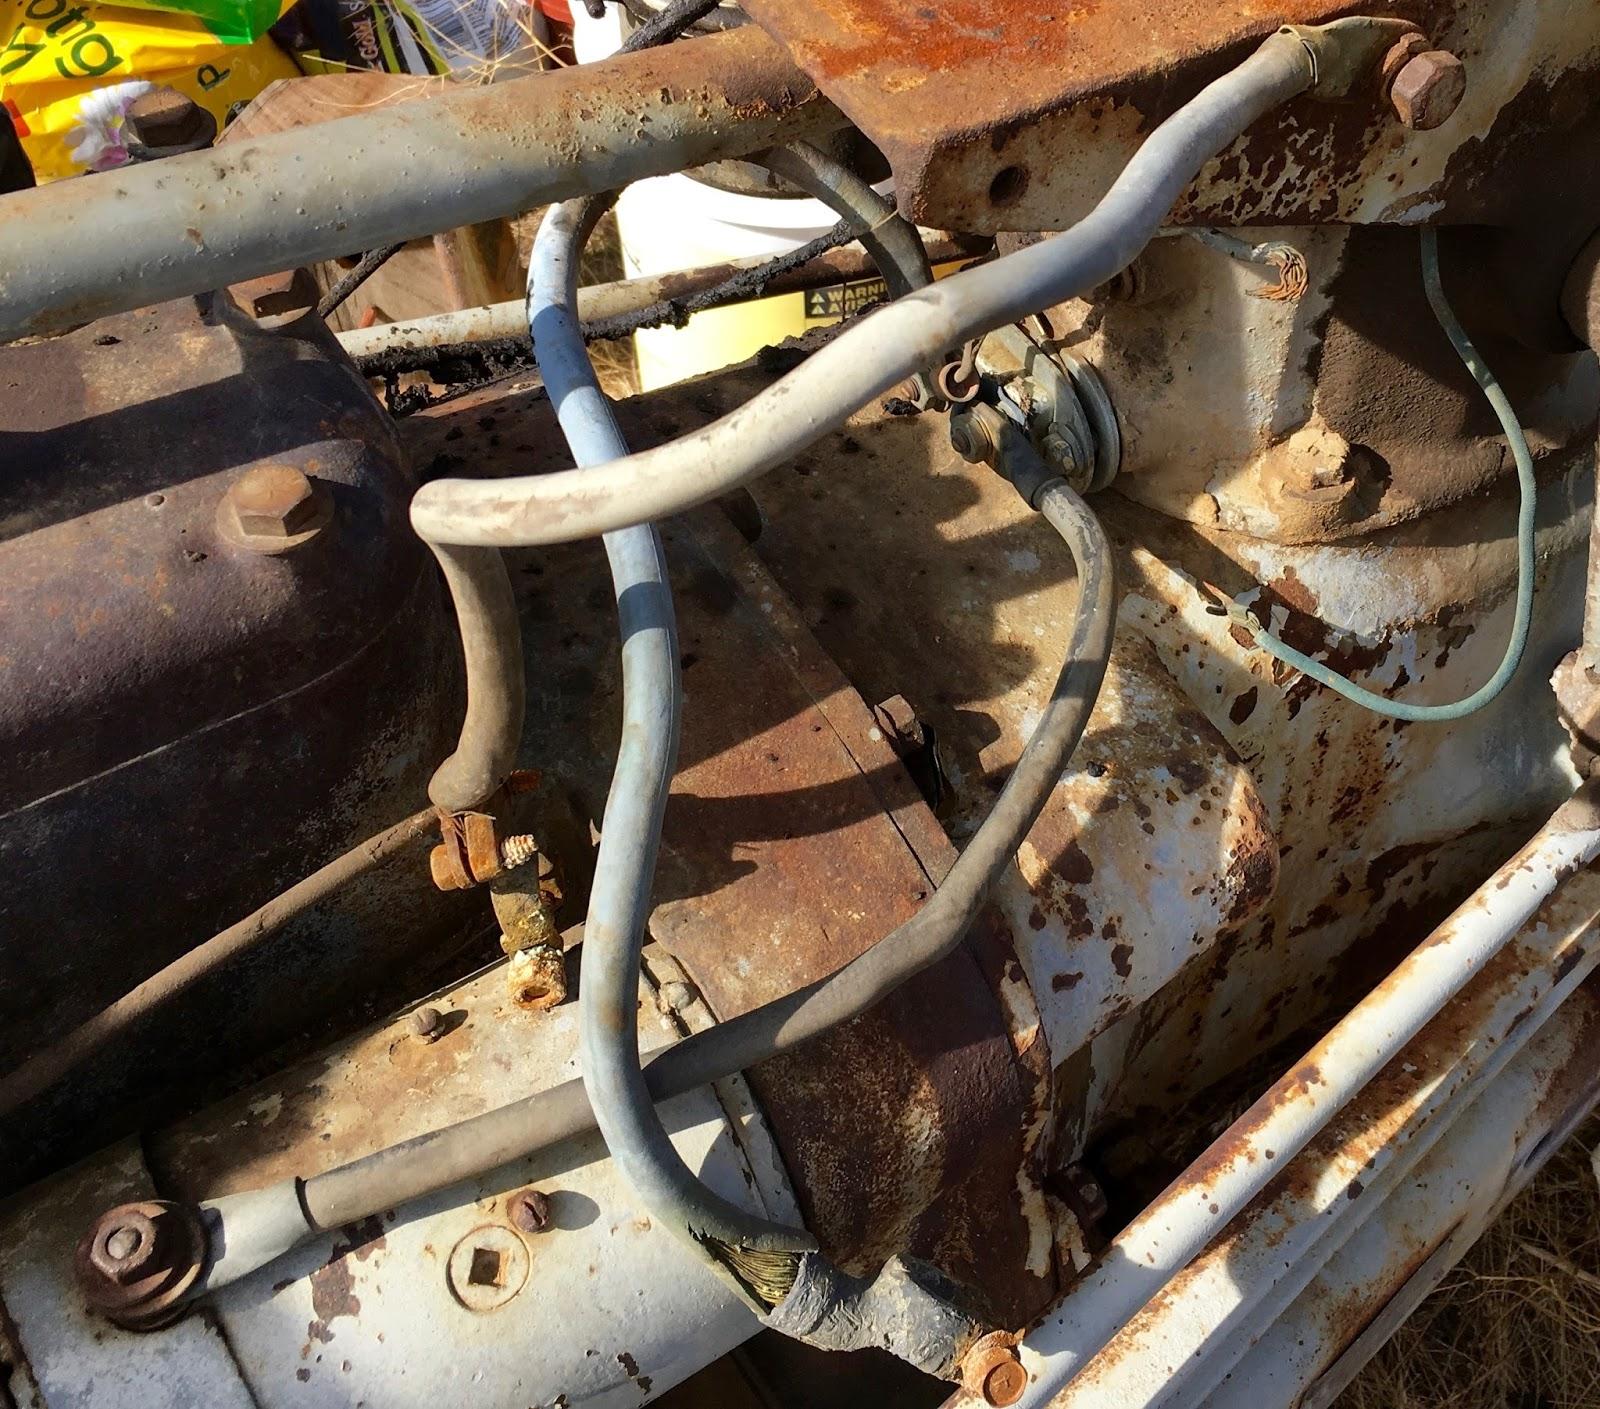 3 Wire Alternator Wiring Diagram 9n Tractor. Lucas Alternator ...  Wire Alternator Wiring Diagram For Ford N on